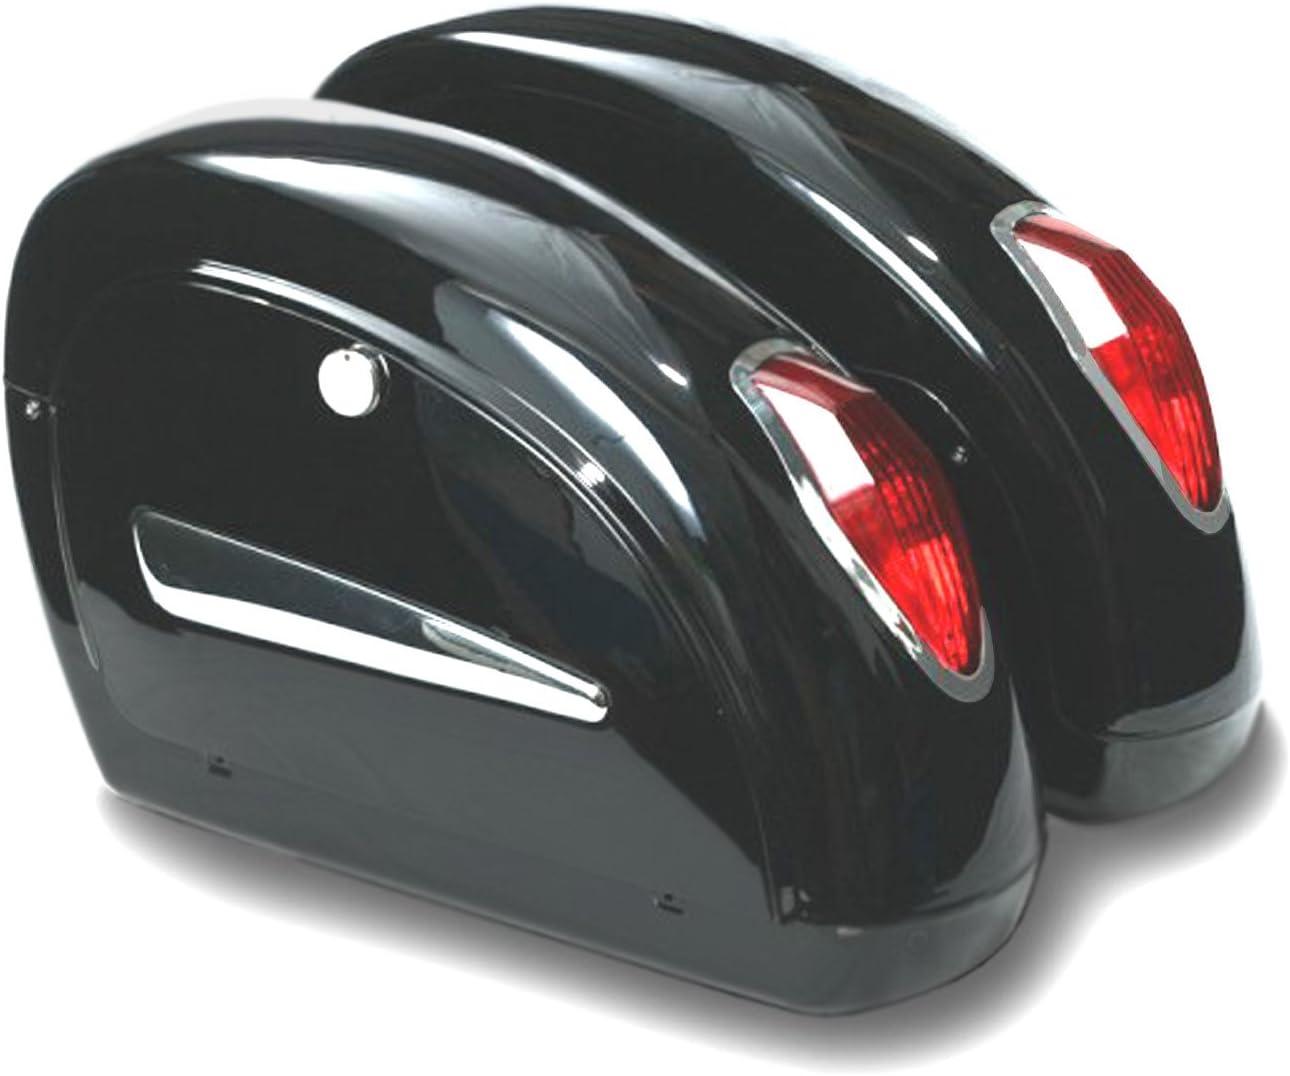 Alforjas rigidas para moto custom de 20 litros de capacidad. Color en negro brillo. Viene con todo lo necesario para su instalación.